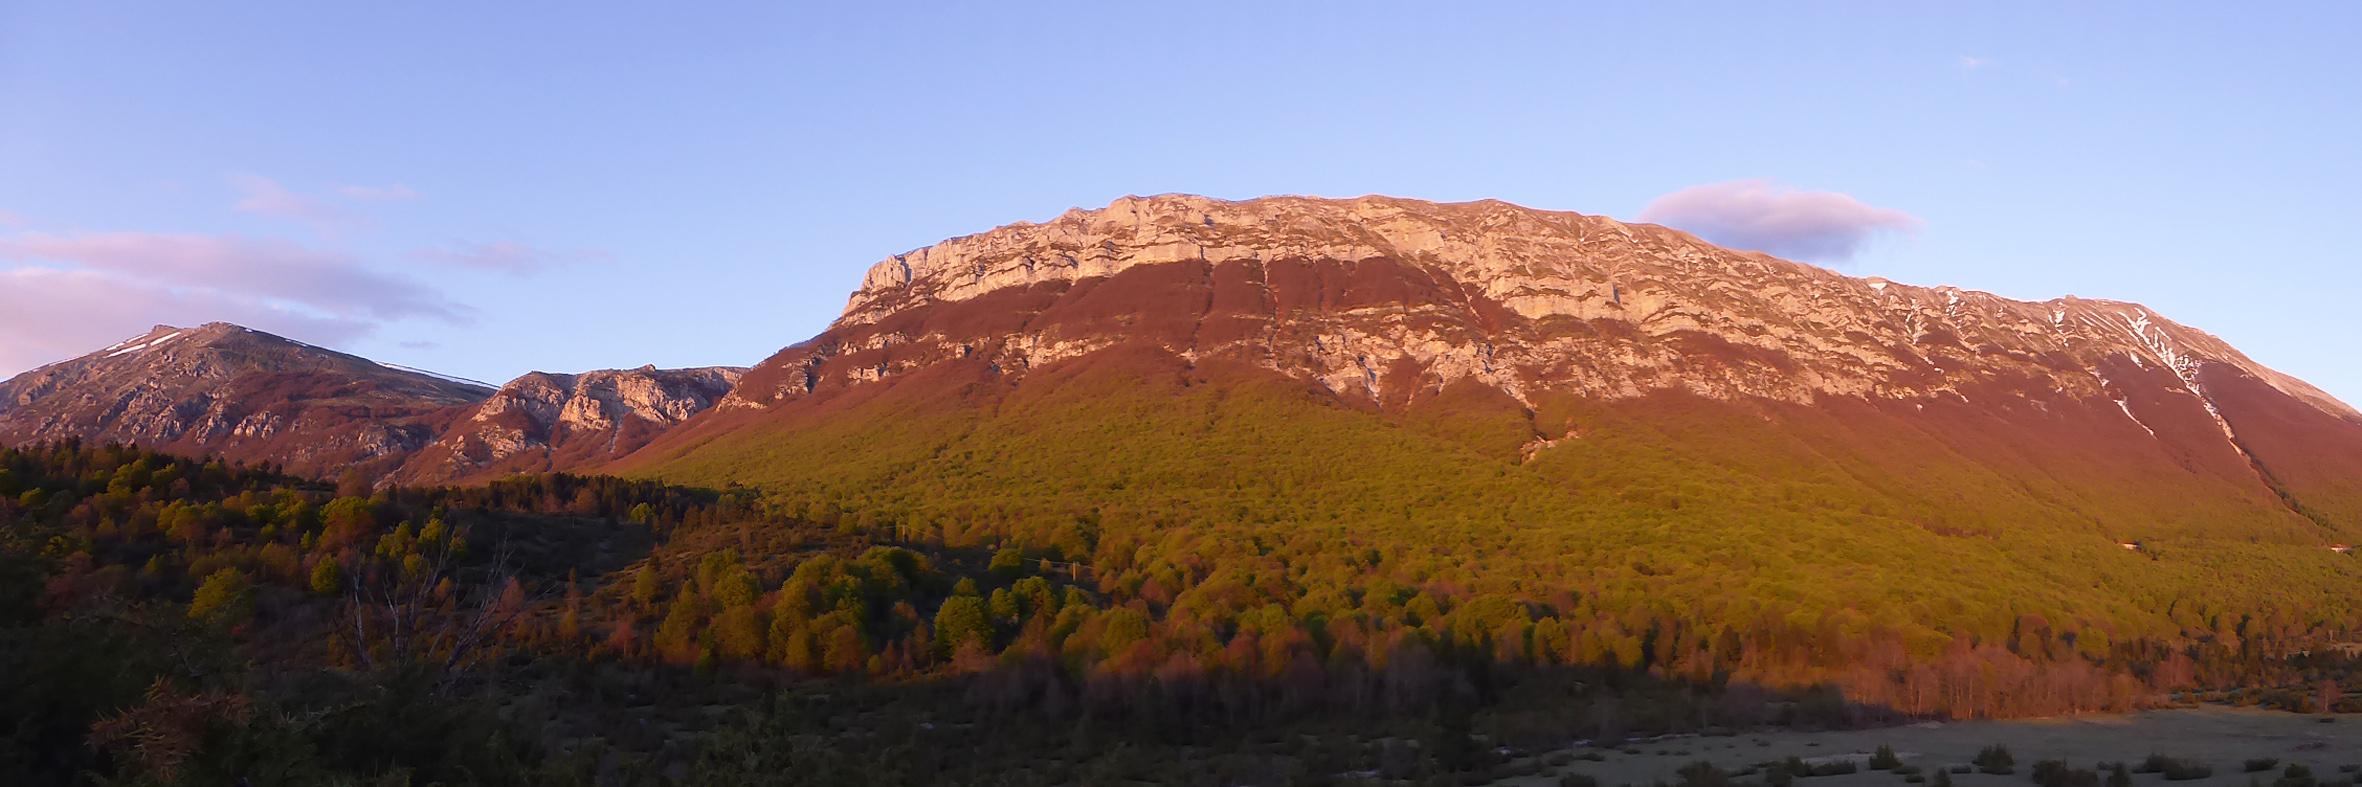 tramonto sulla majella in primavera dopo l'escursione di avvistamento fauna al pinecube